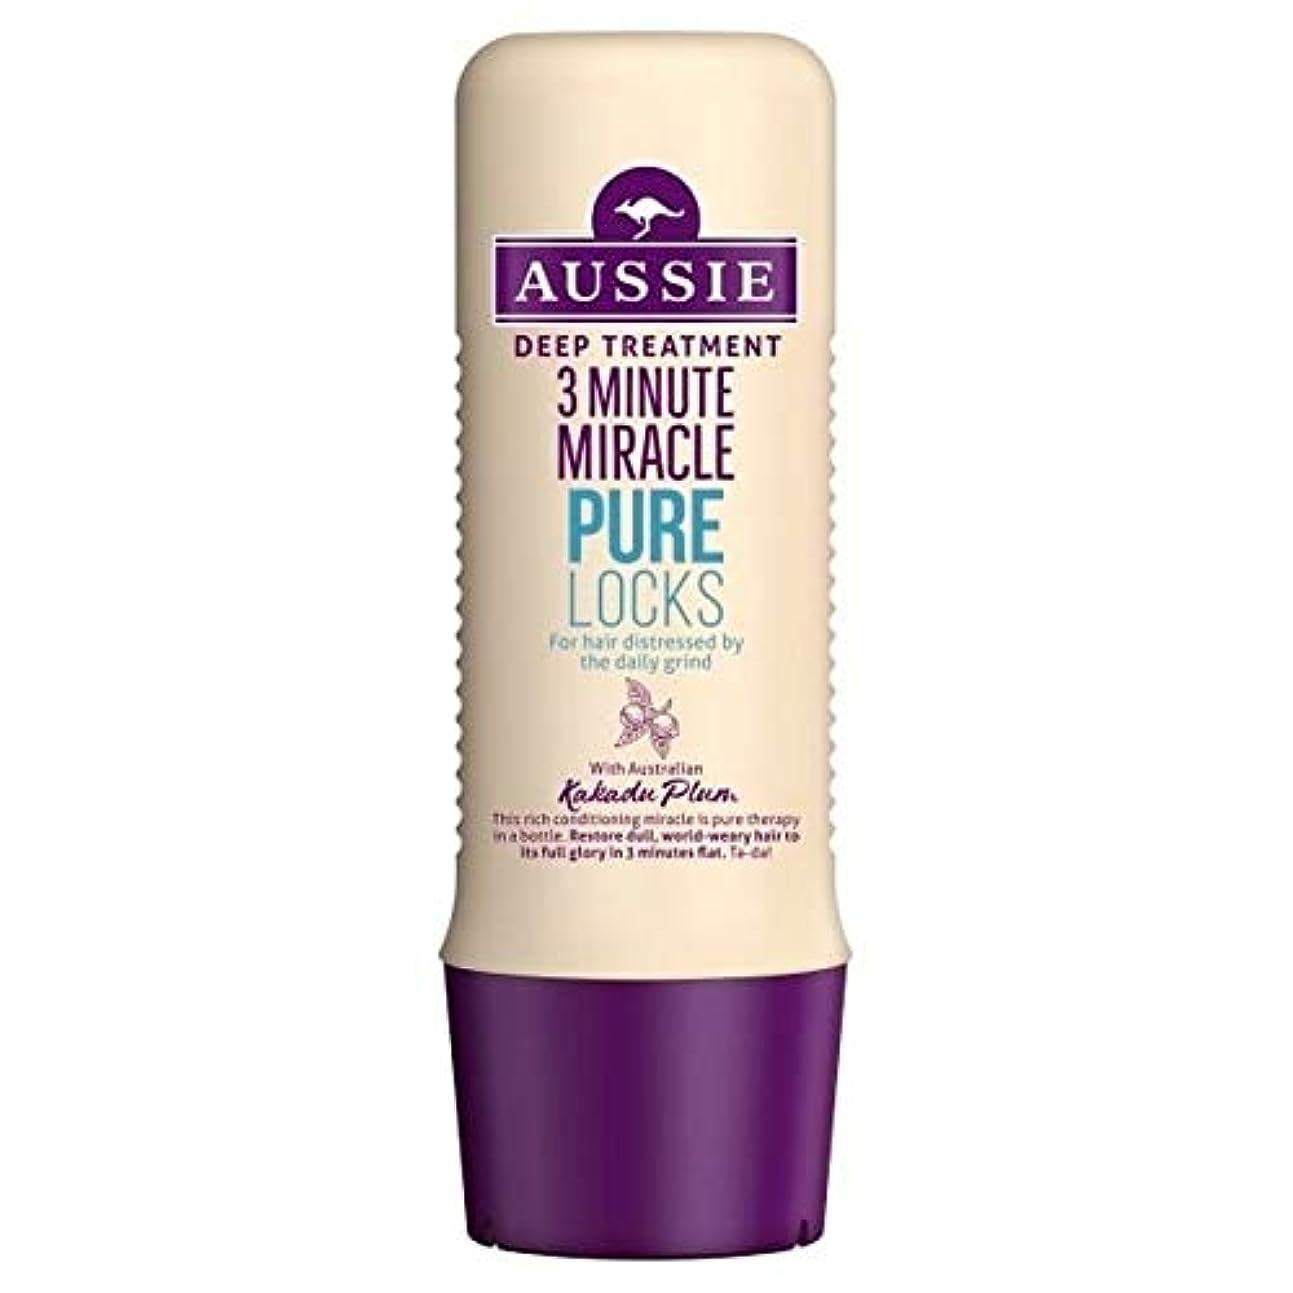 ボタン悩み無秩序[Aussie ] オーストラリアの純粋なロック3分の奇跡の250ミリリットル - Aussie Pure Locks 3 Minute Miracle 250ml [並行輸入品]